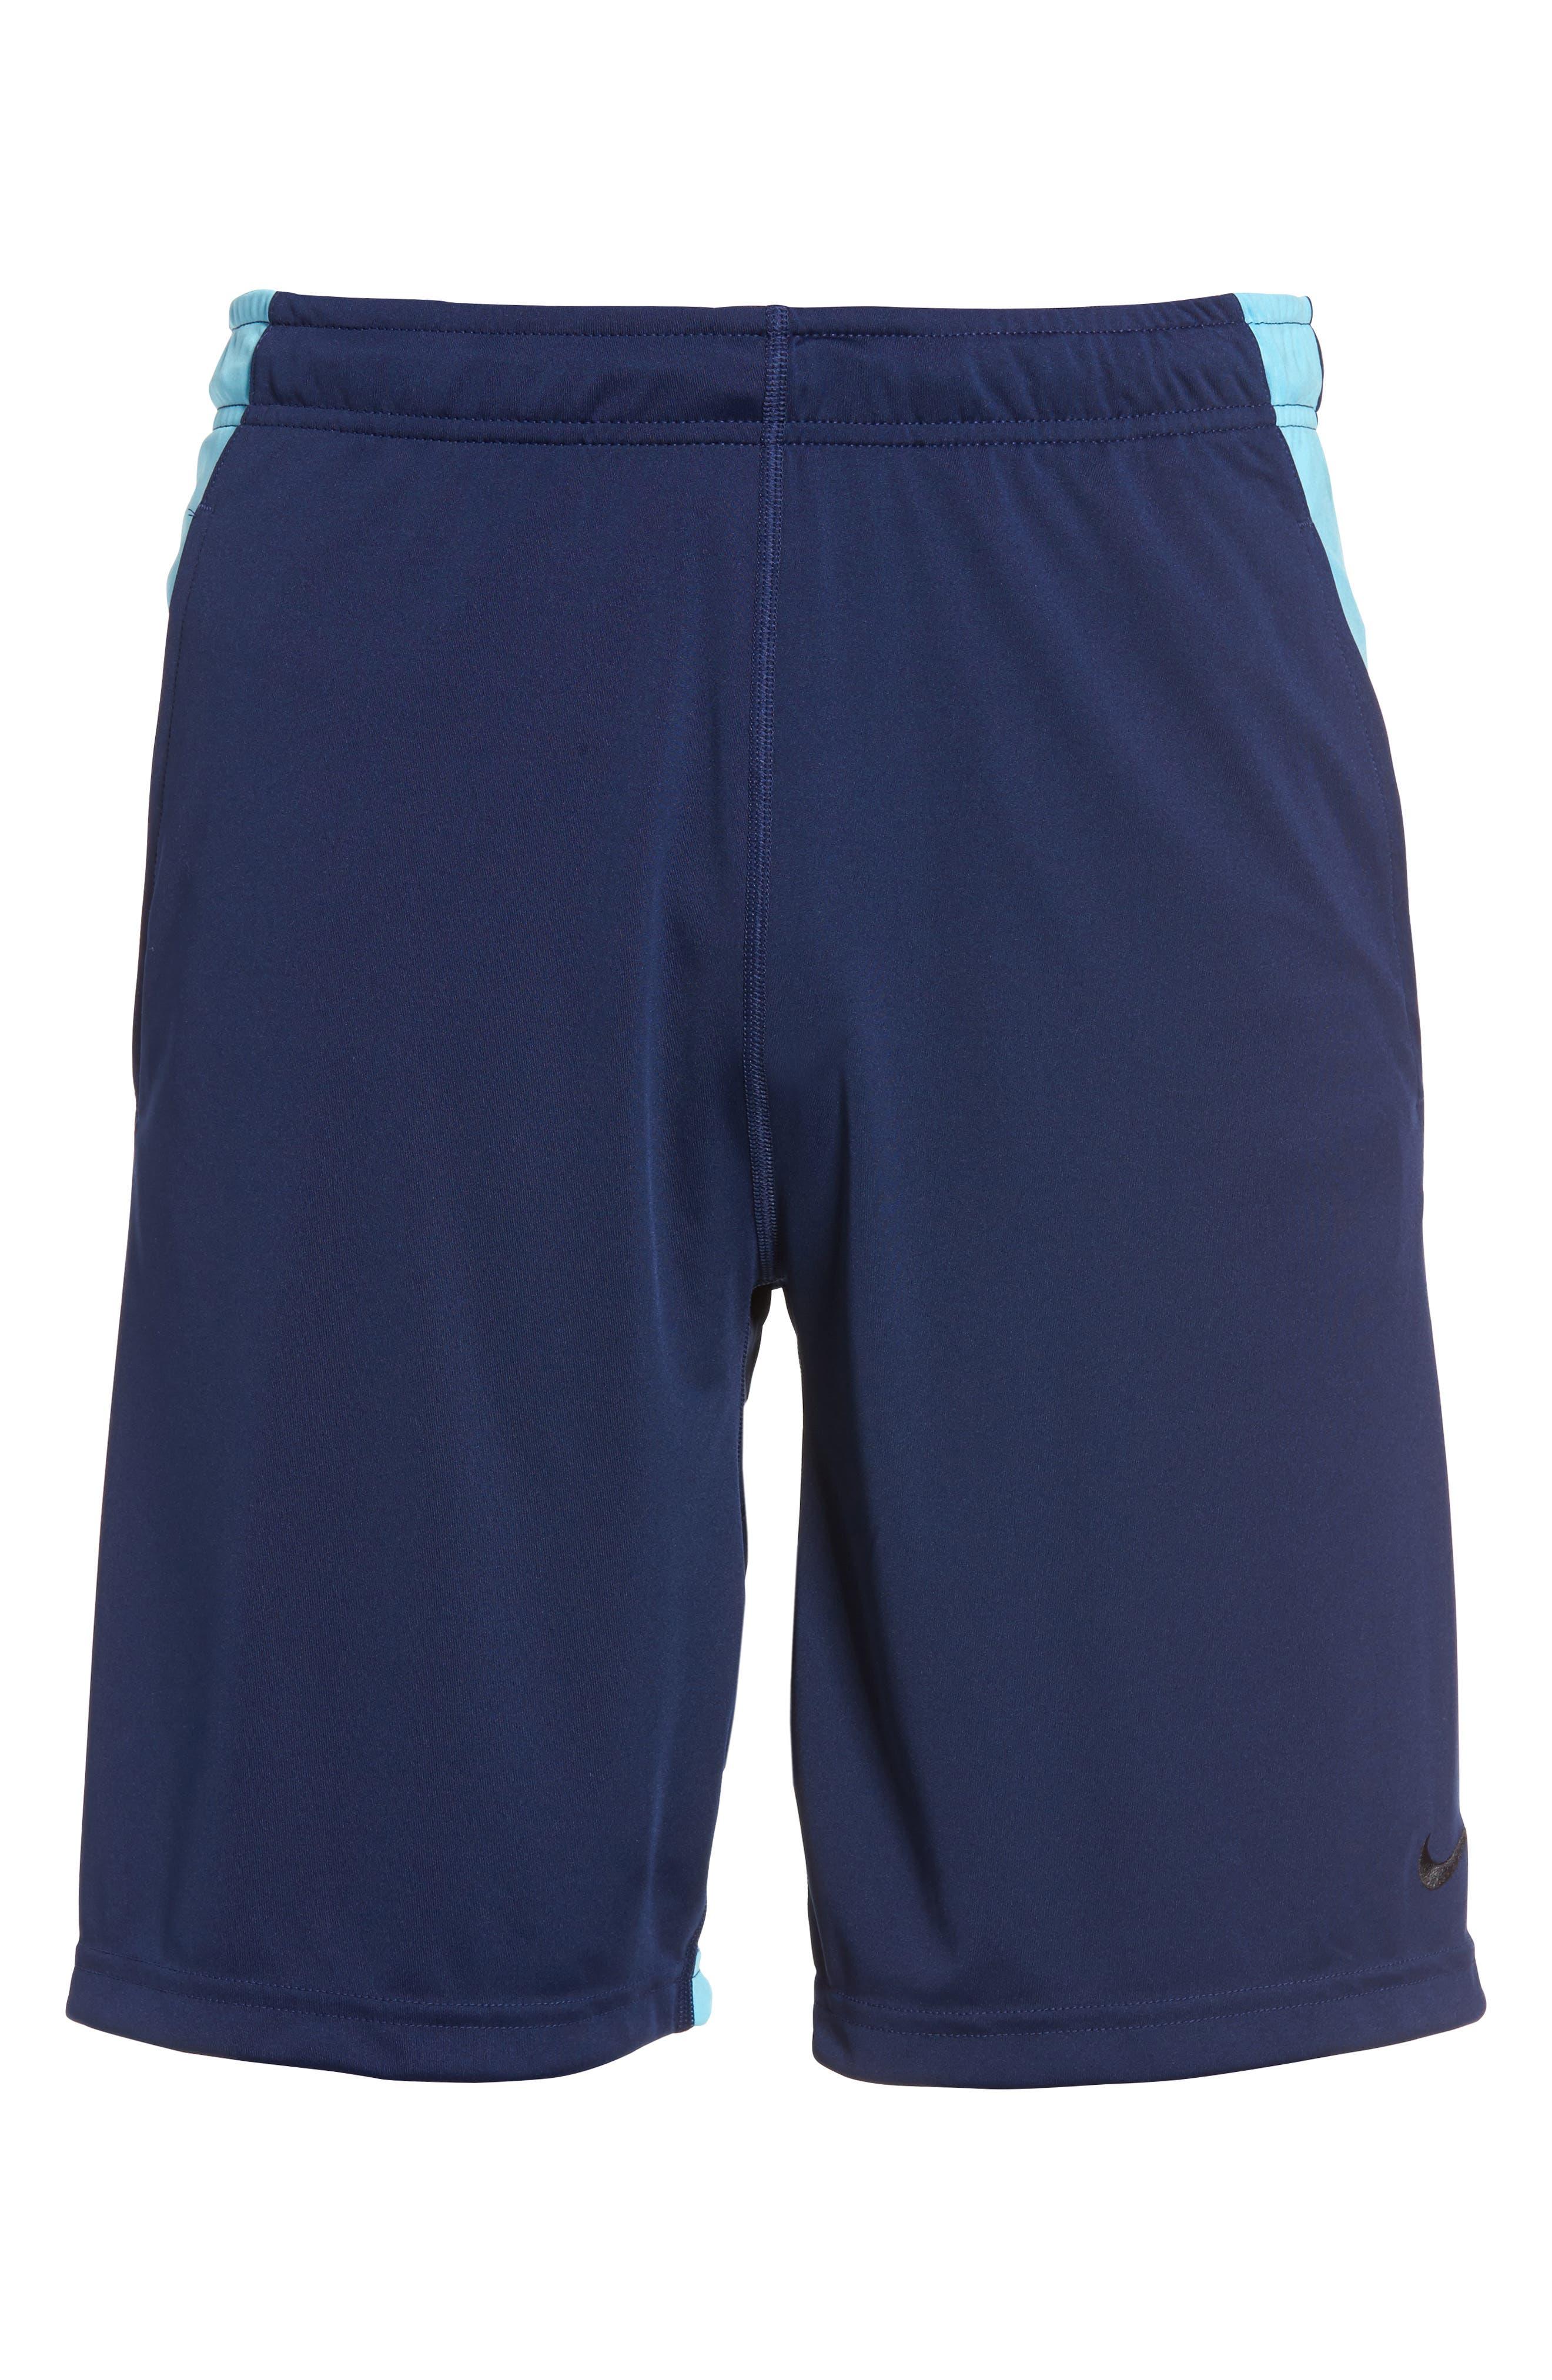 Alternate Image 2  - Nike 'Fly' Dri-FIT Training Shorts